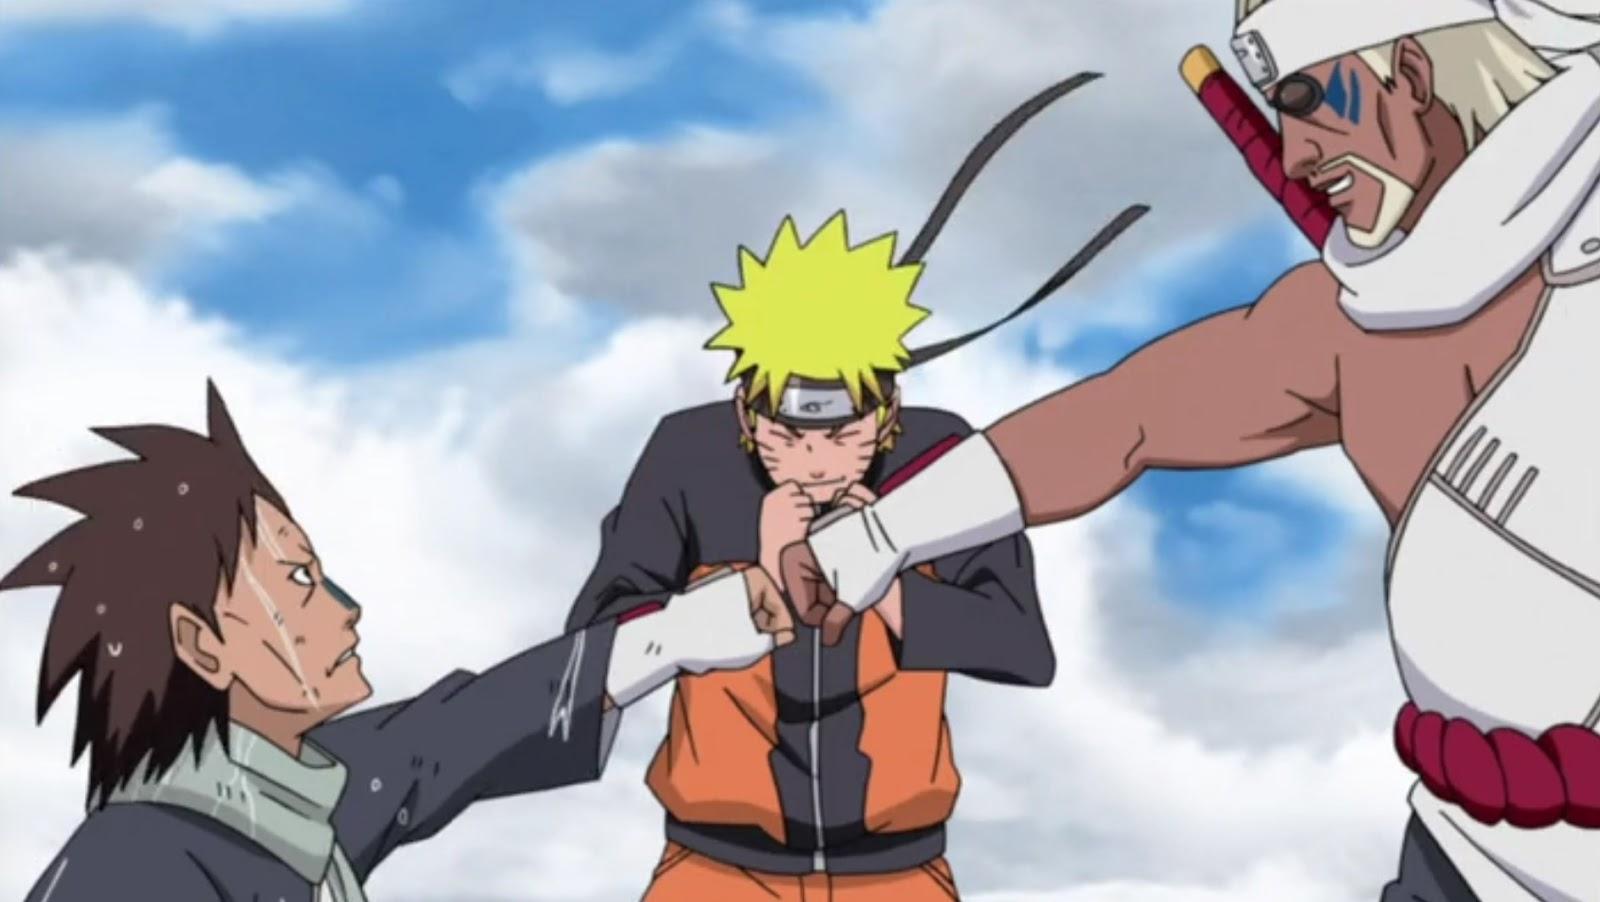 Naruto Shippuden Episódio 244, Assistir Naruto Shippuden Episódio 244, Assistir Naruto Shippuden Todos os Episódios Legendado, Naruto Shippuden episódio 244,HD